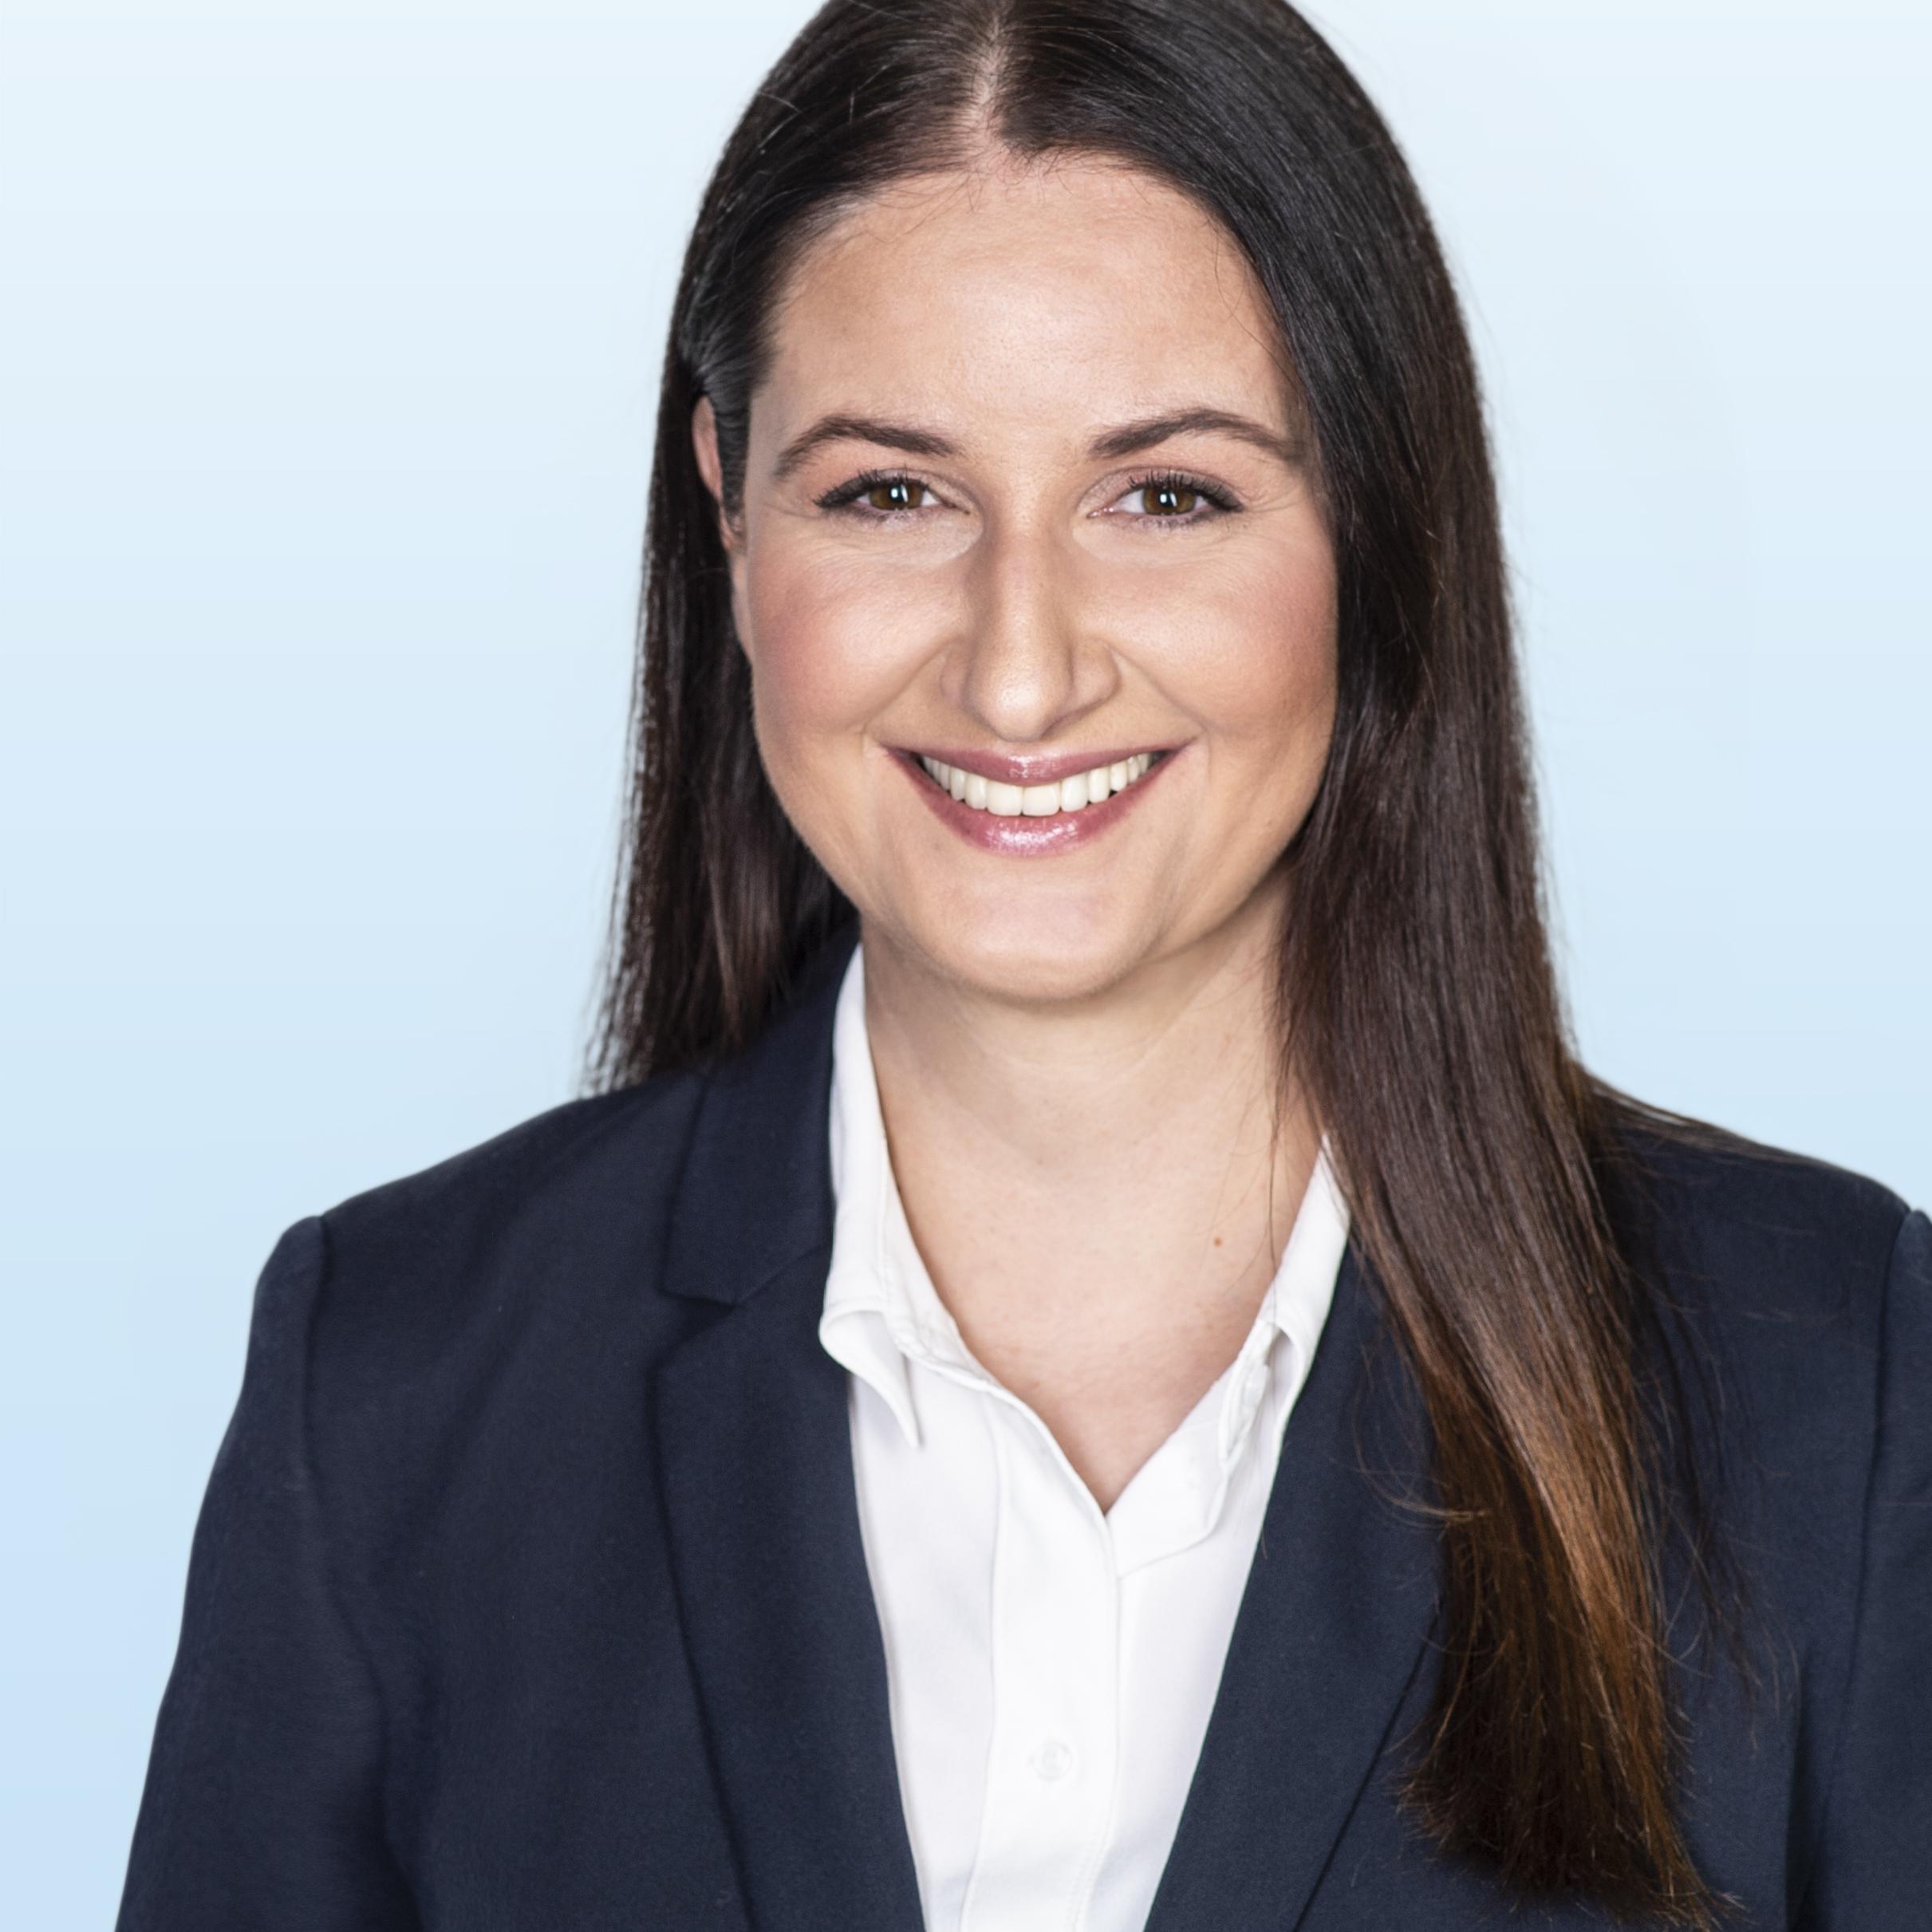 Monika Jularic